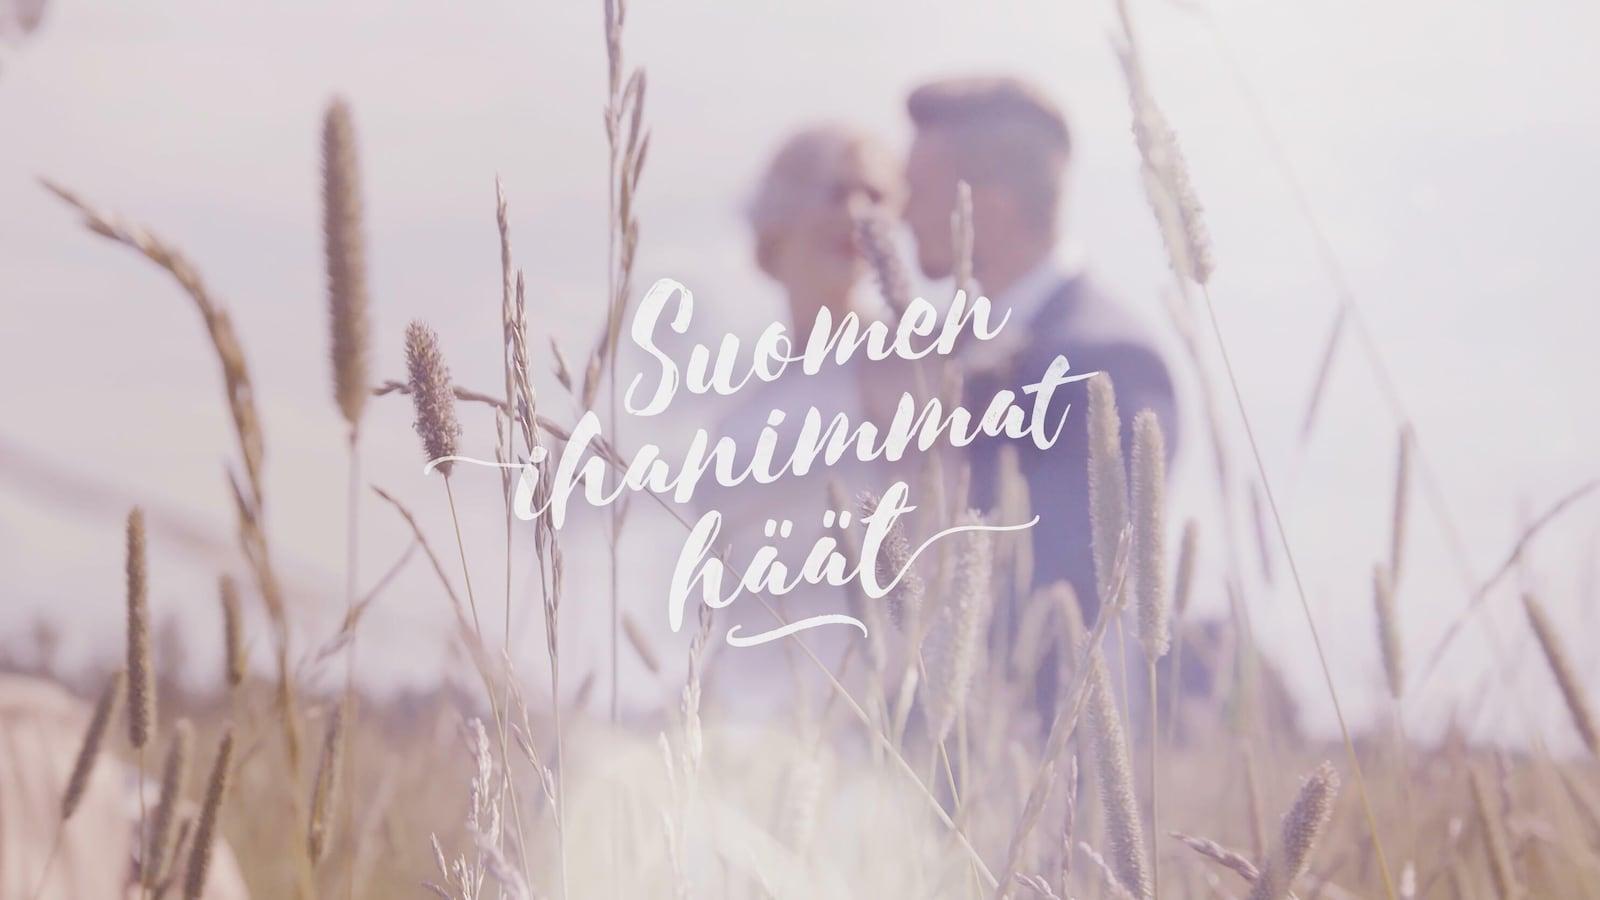 Suomen ihanimmat häät